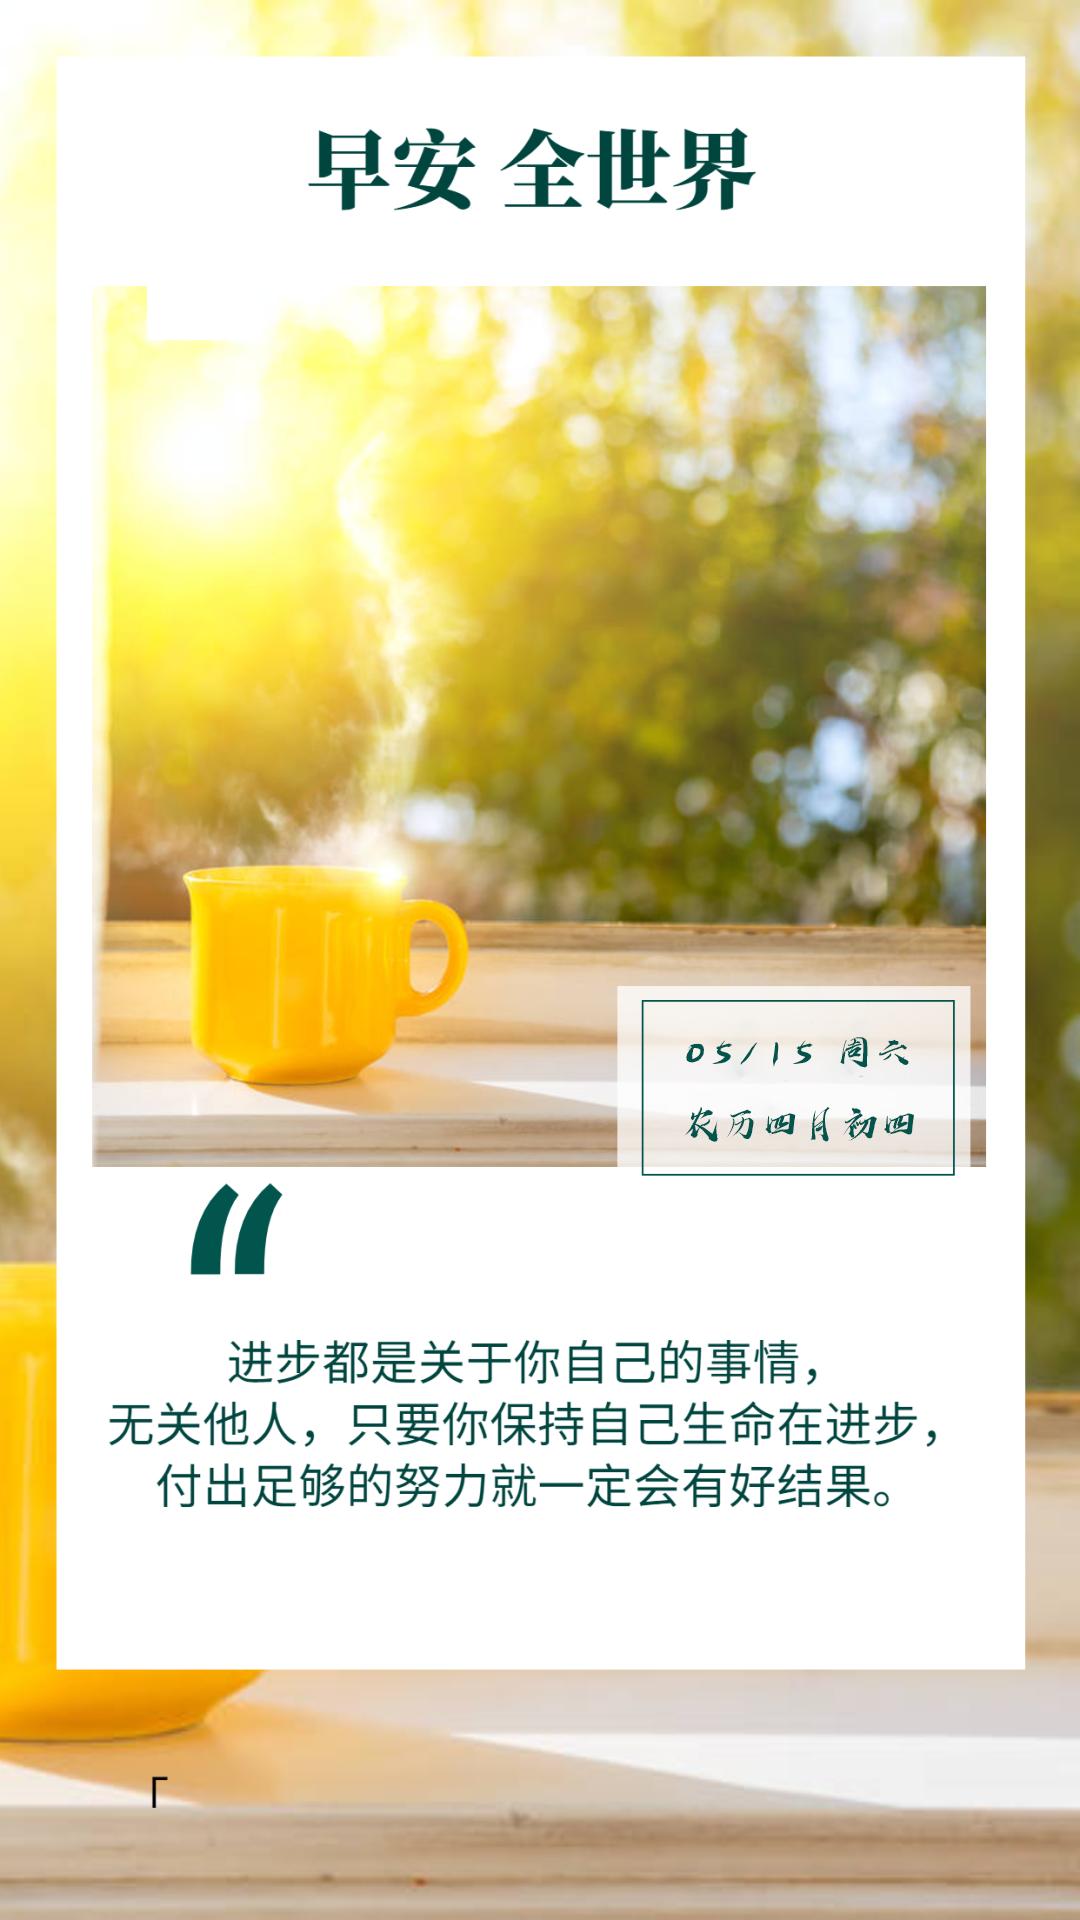 适合早上发朋友圈的正能量日签图片带字,阳光向上,出类拔萃